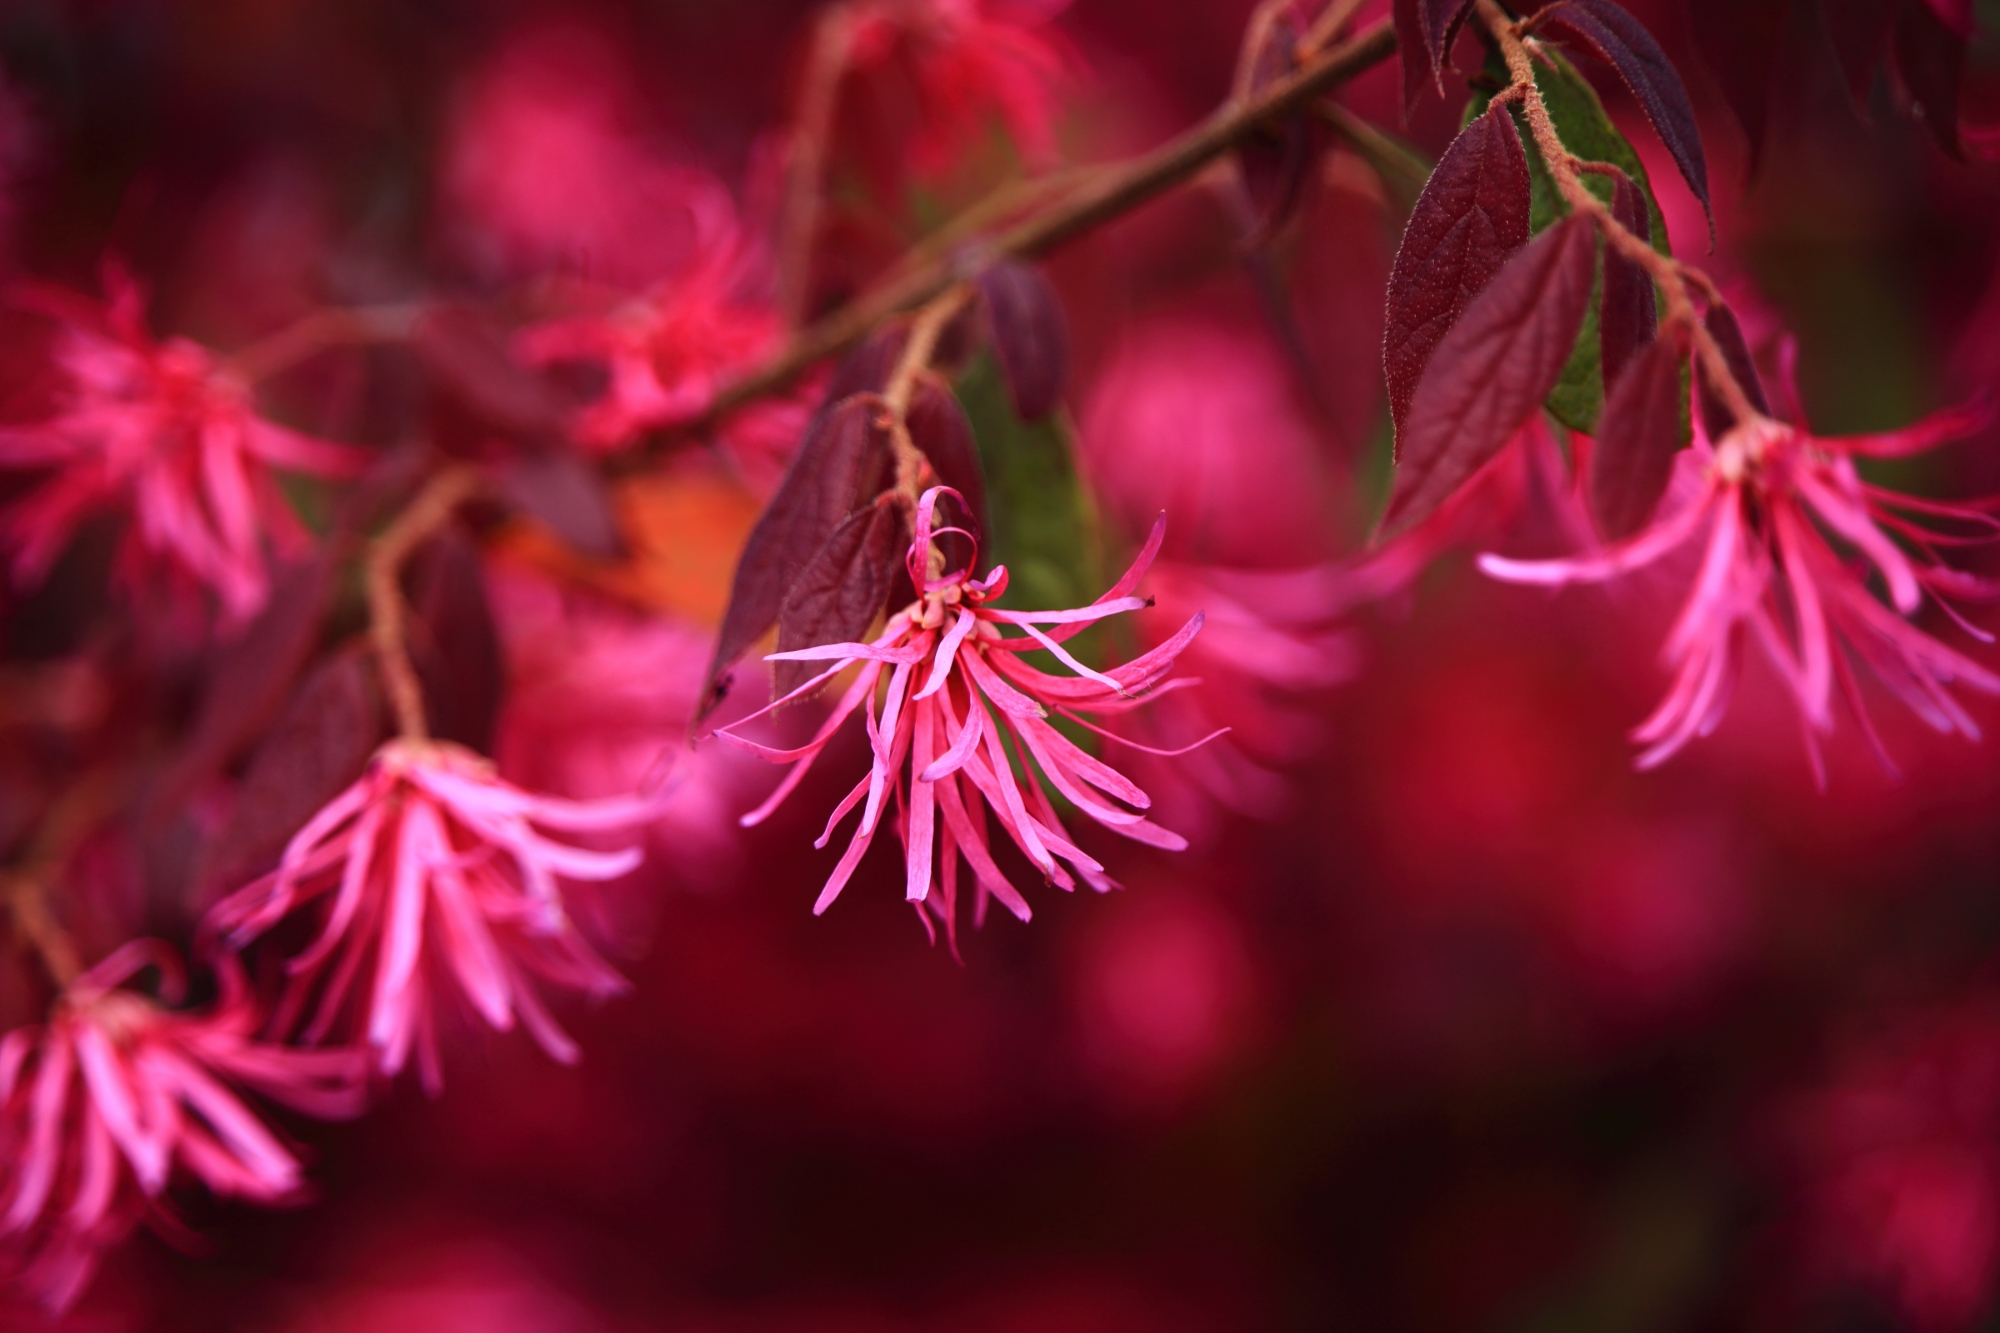 赤と紫の間のワインレッドのような色の花が咲くベニバナトキワマンサク